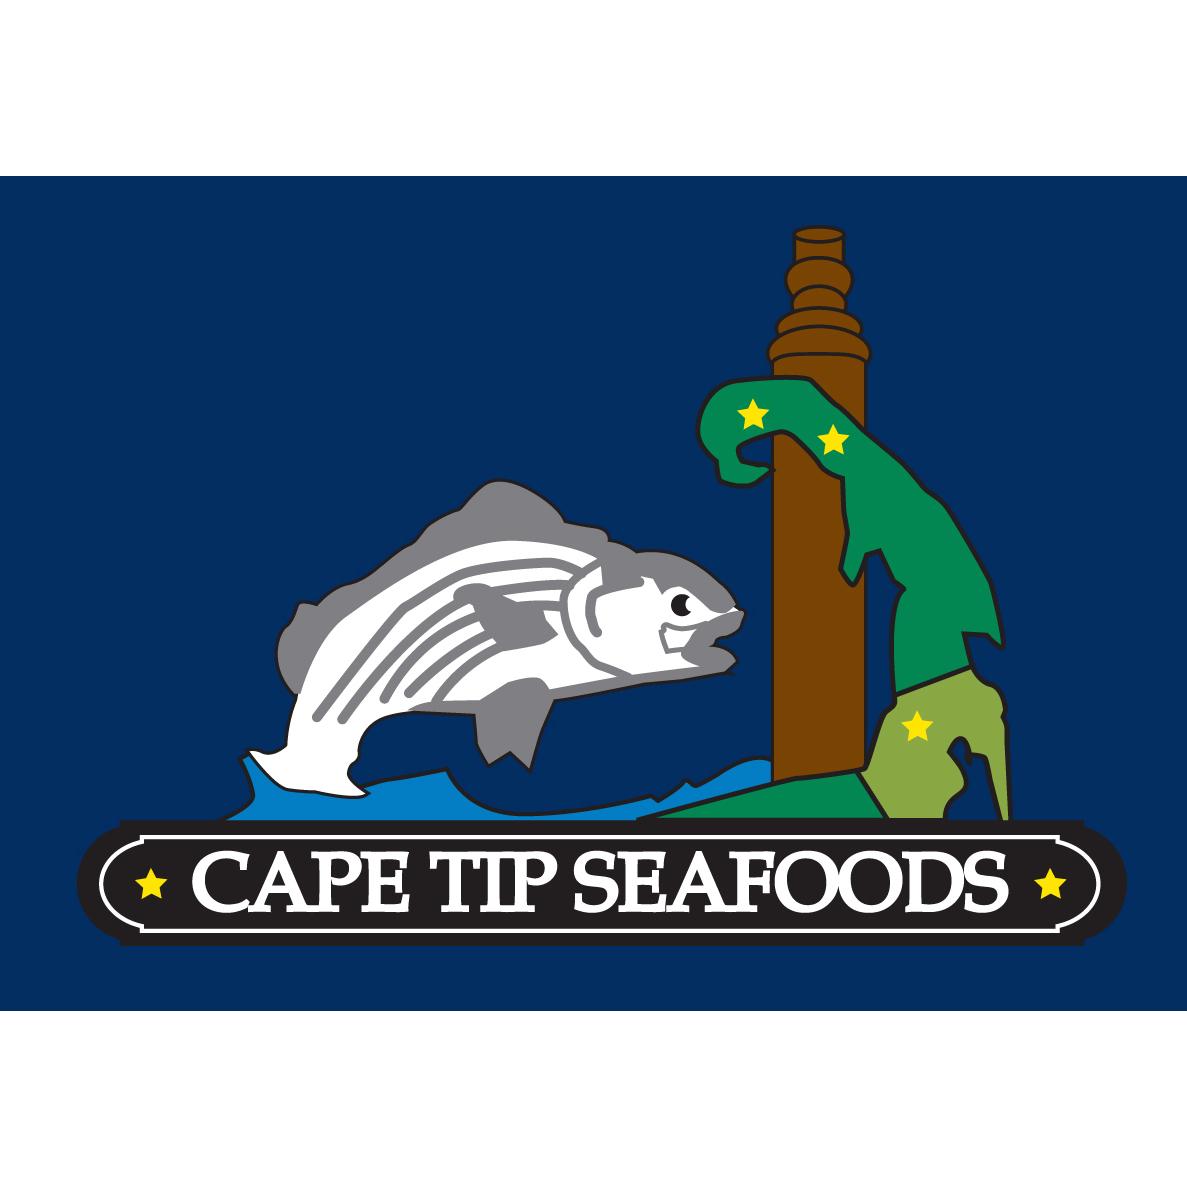 Cape Tip Seafood & Lobster Market